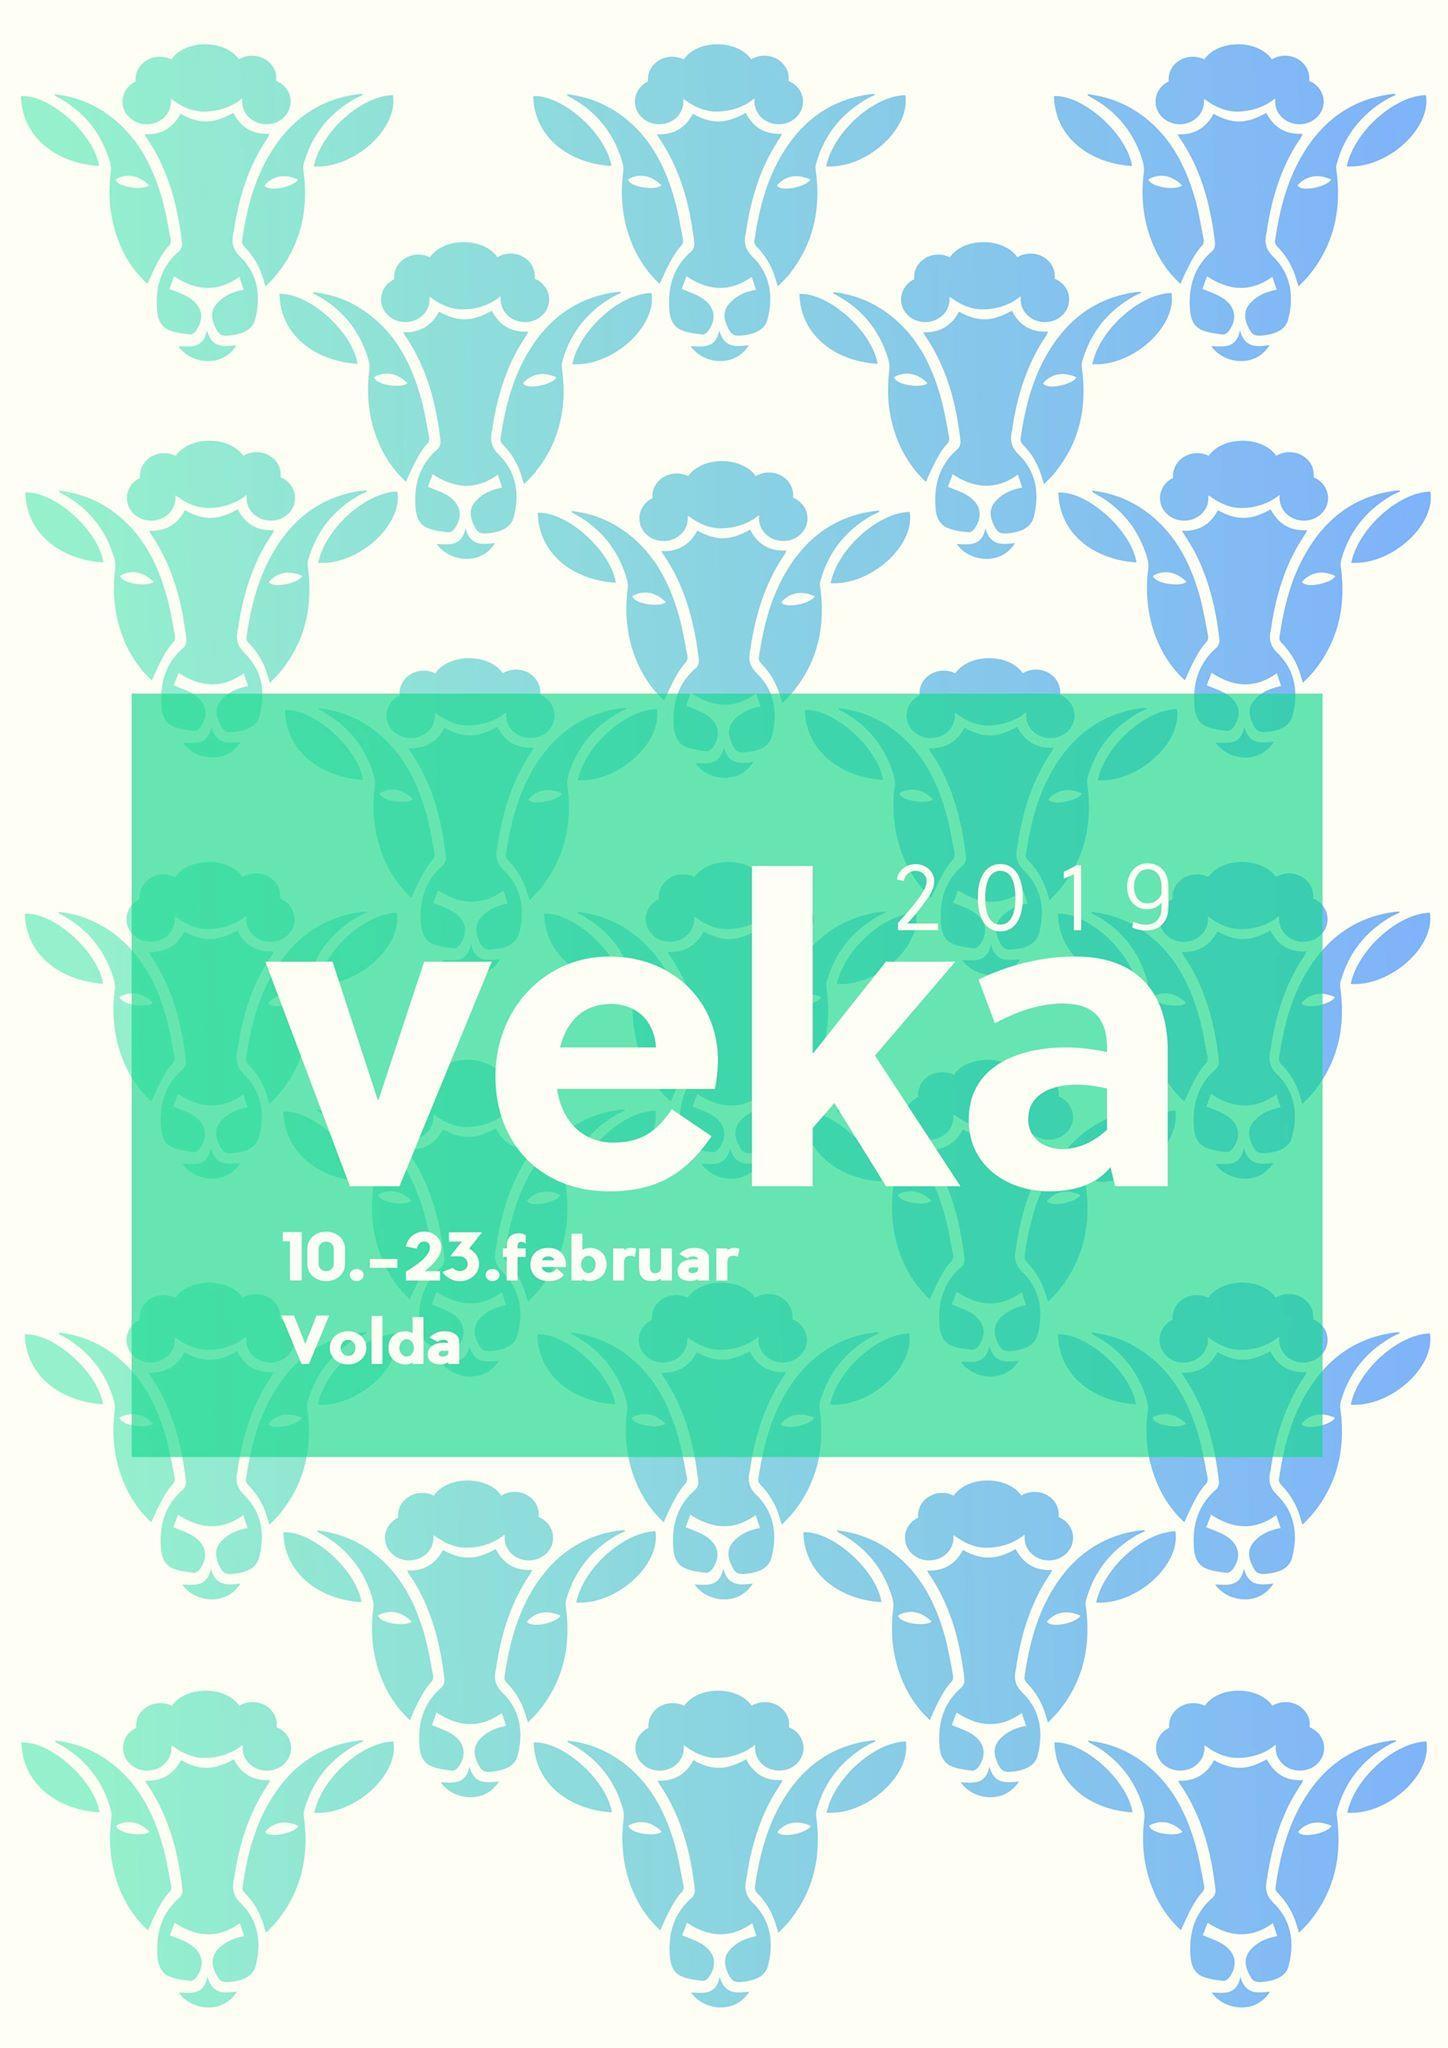 VEKA 2019